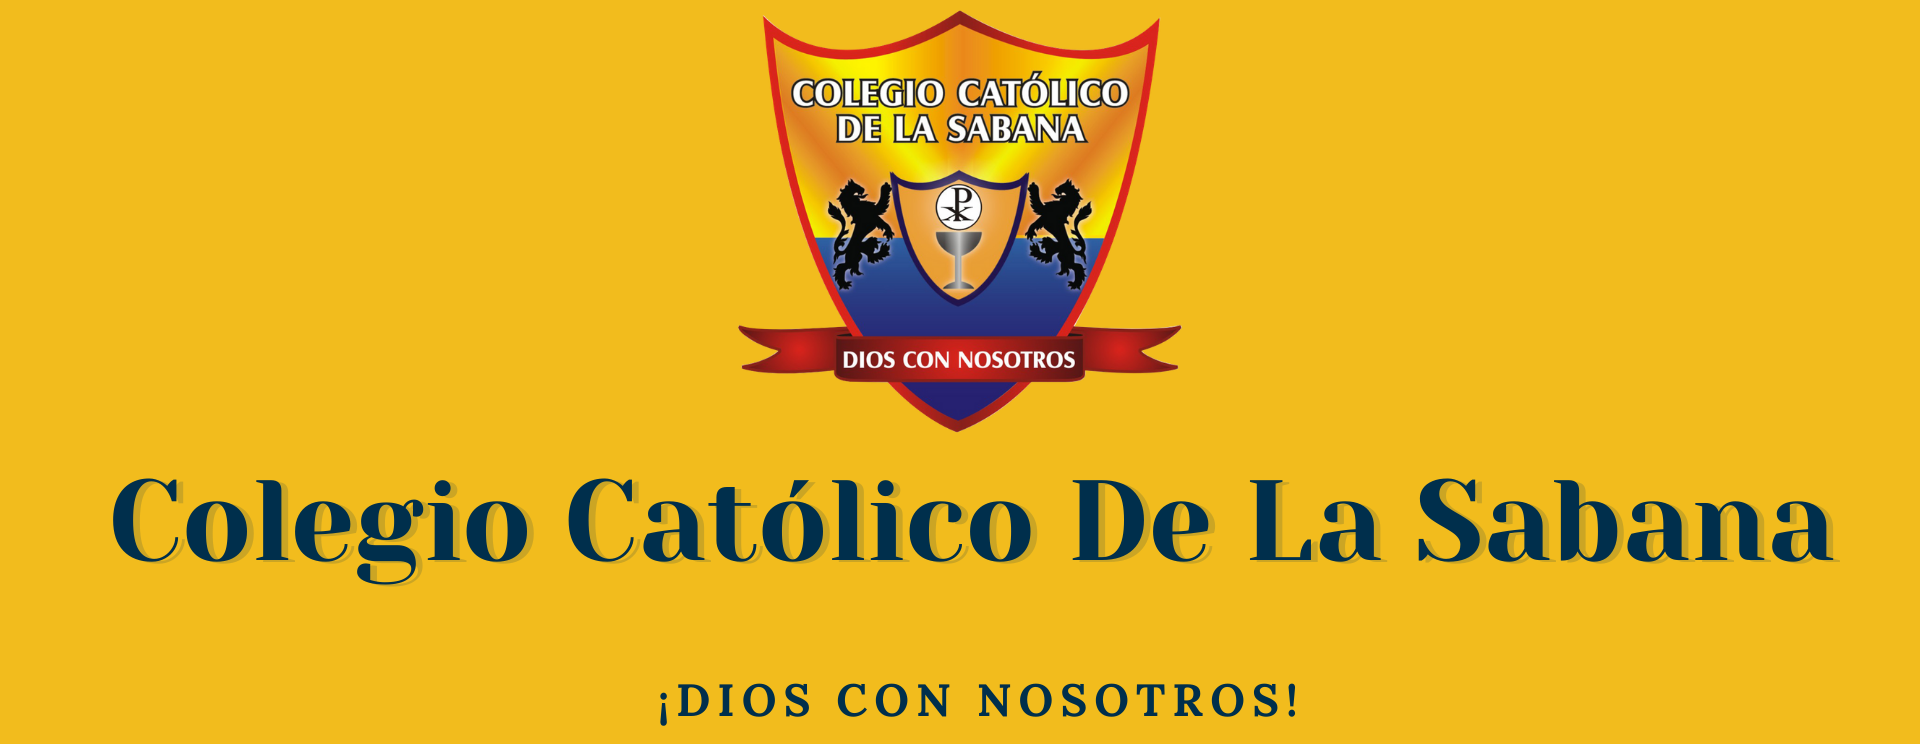 Colegio Católico de la Sabana Logo